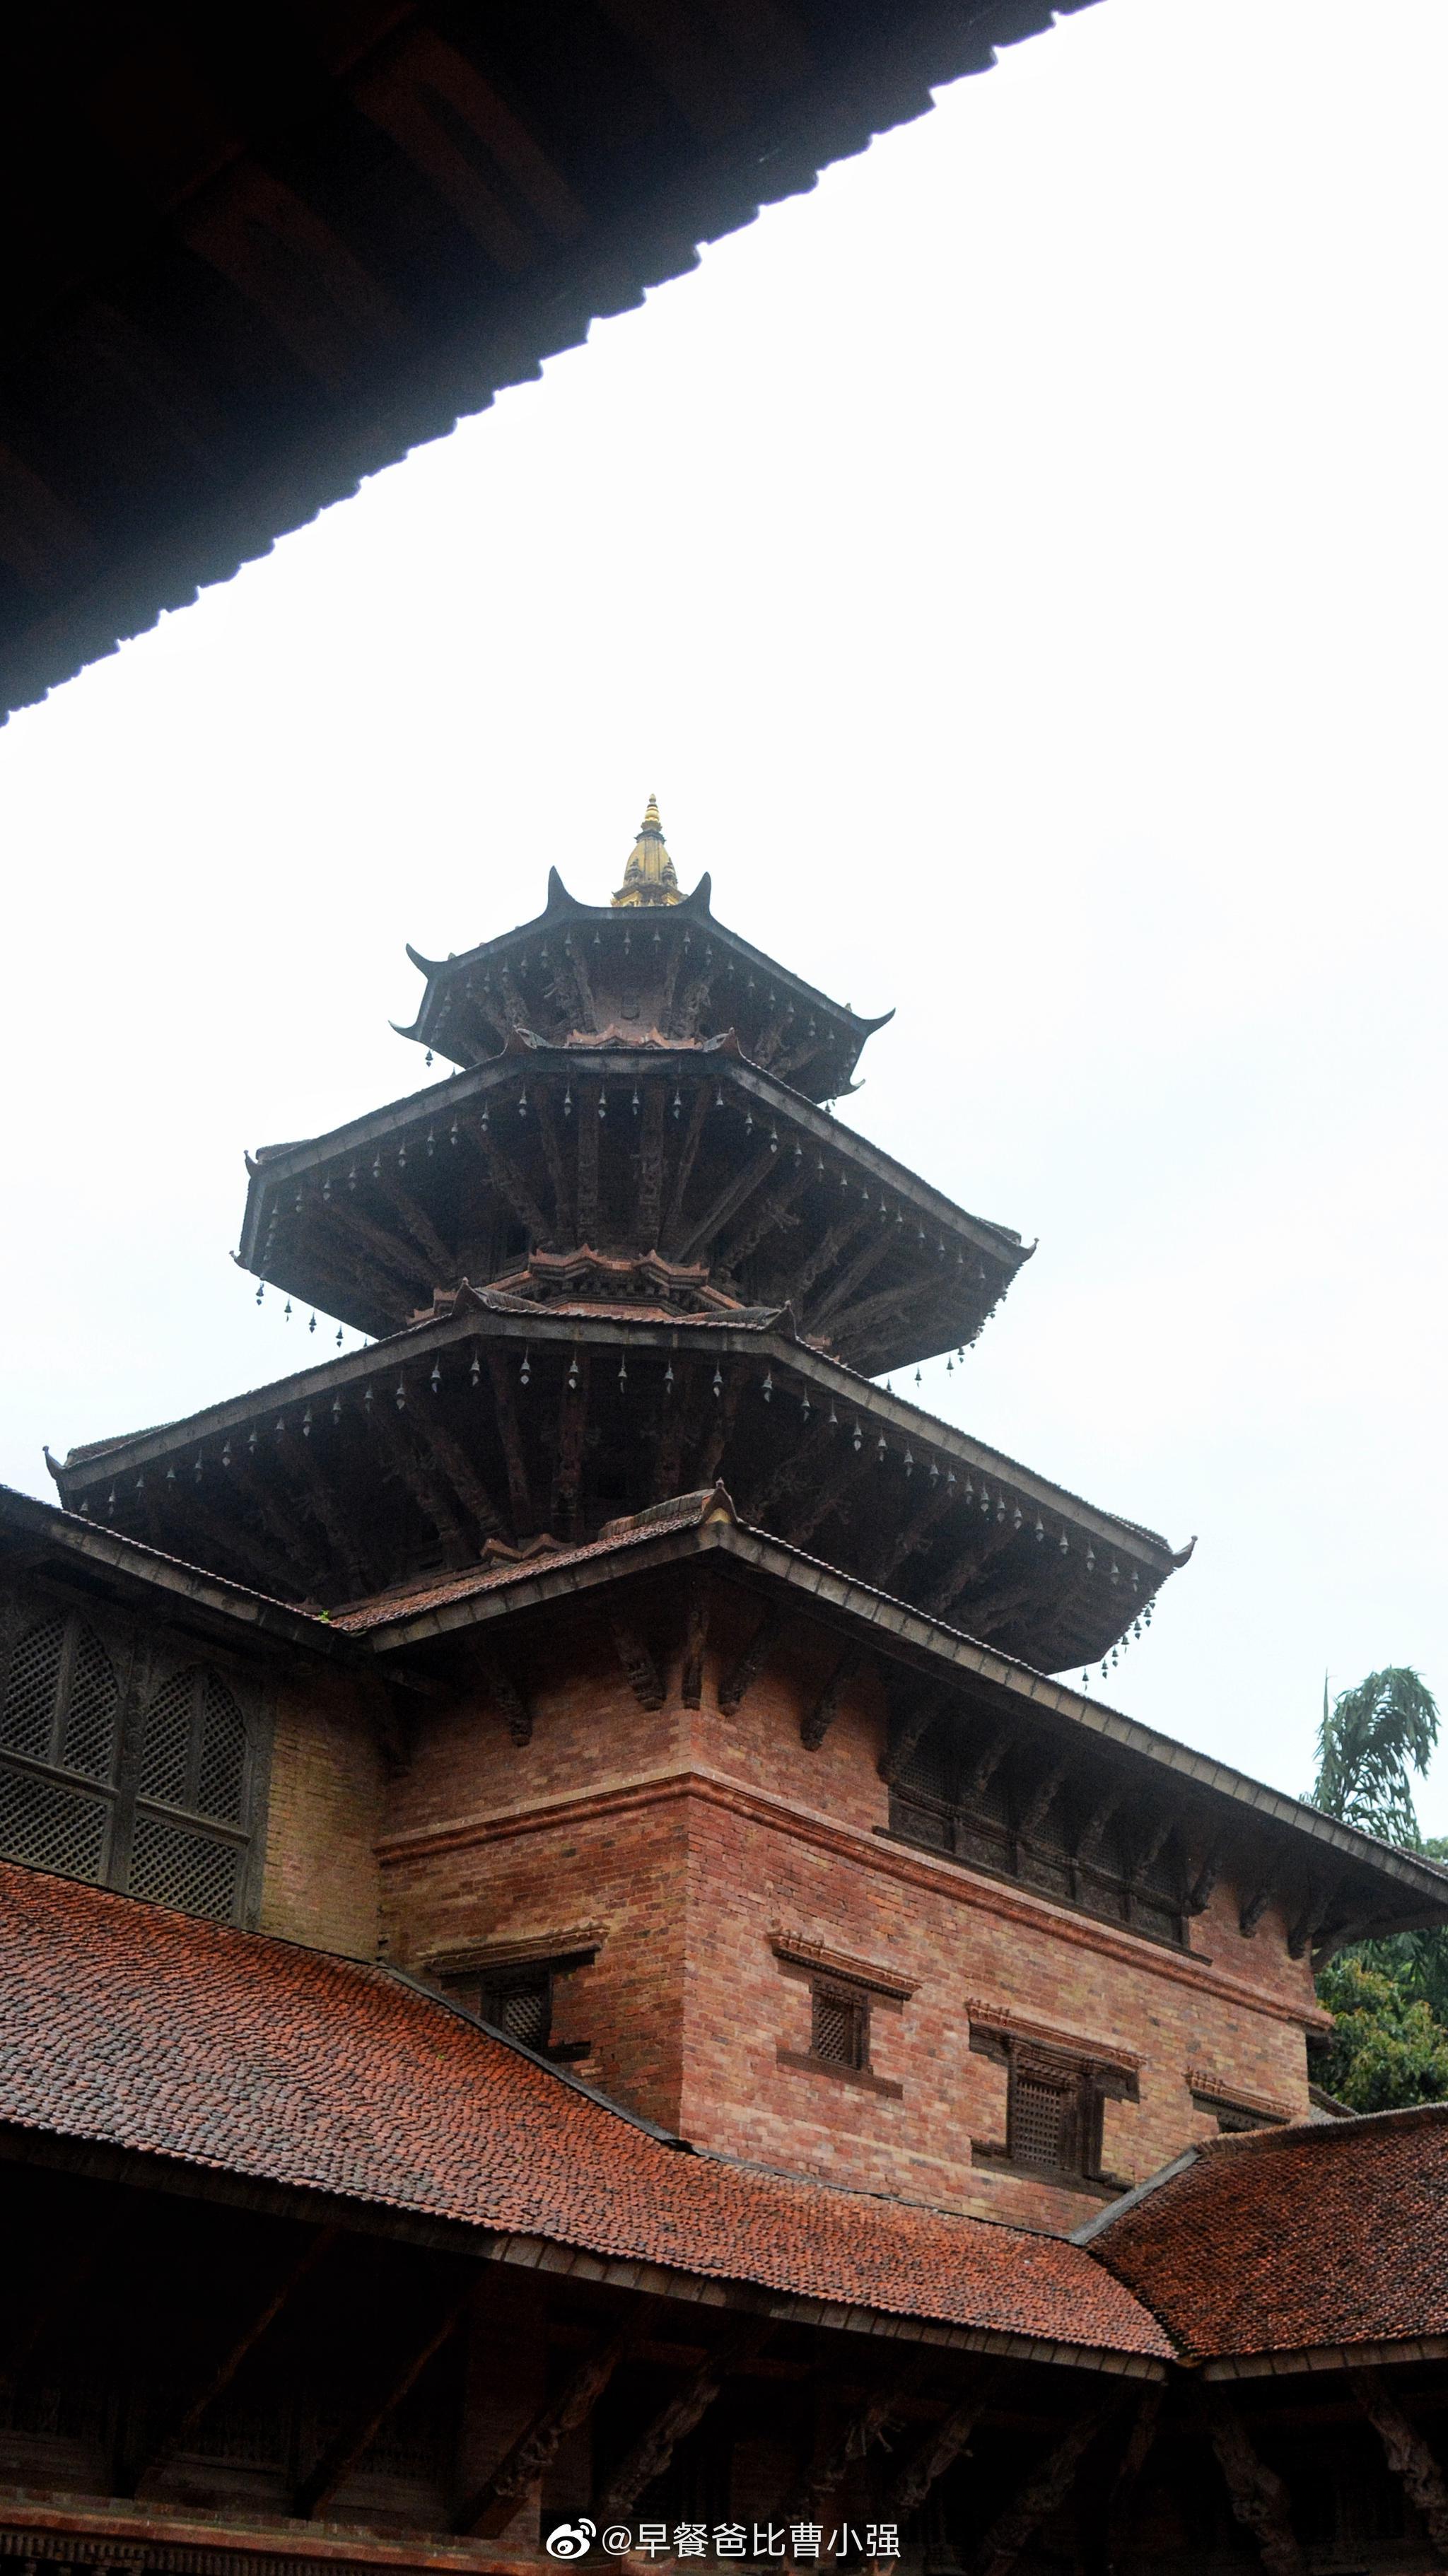 今天游览尼泊尔帕坦杜巴广场之前大地震损毁的建筑依旧在修复中但建